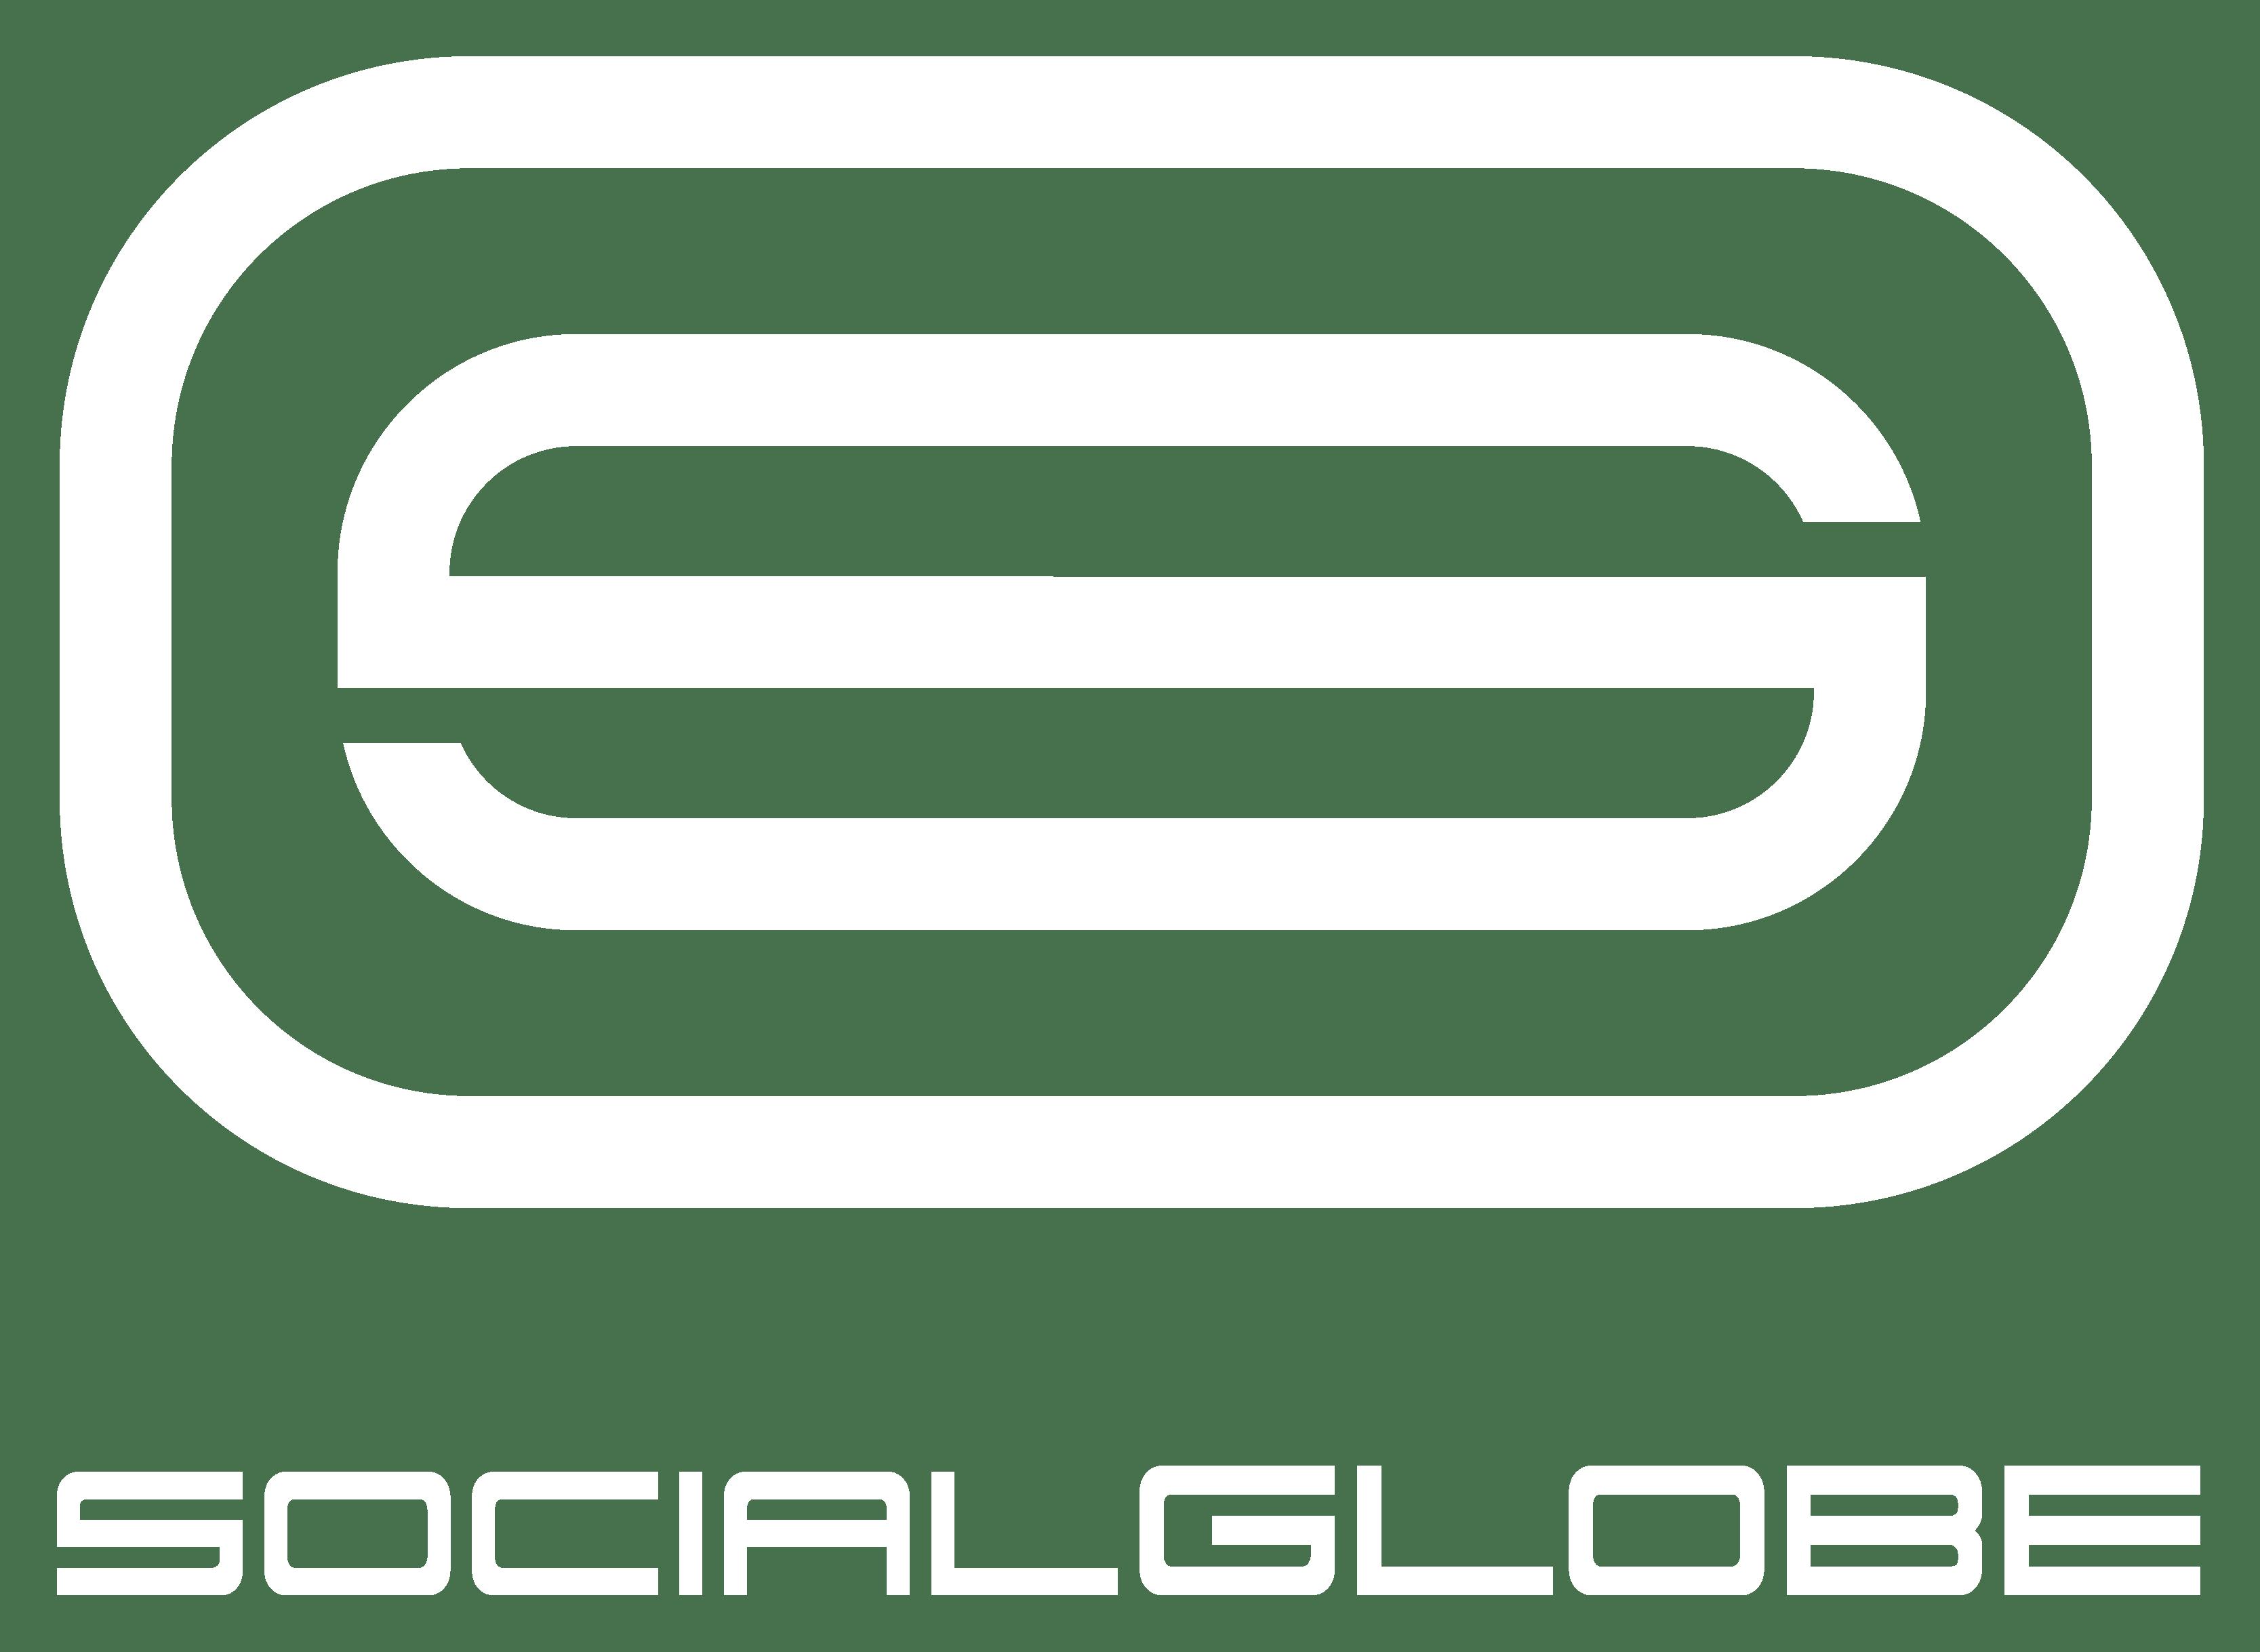 SocialGlobe